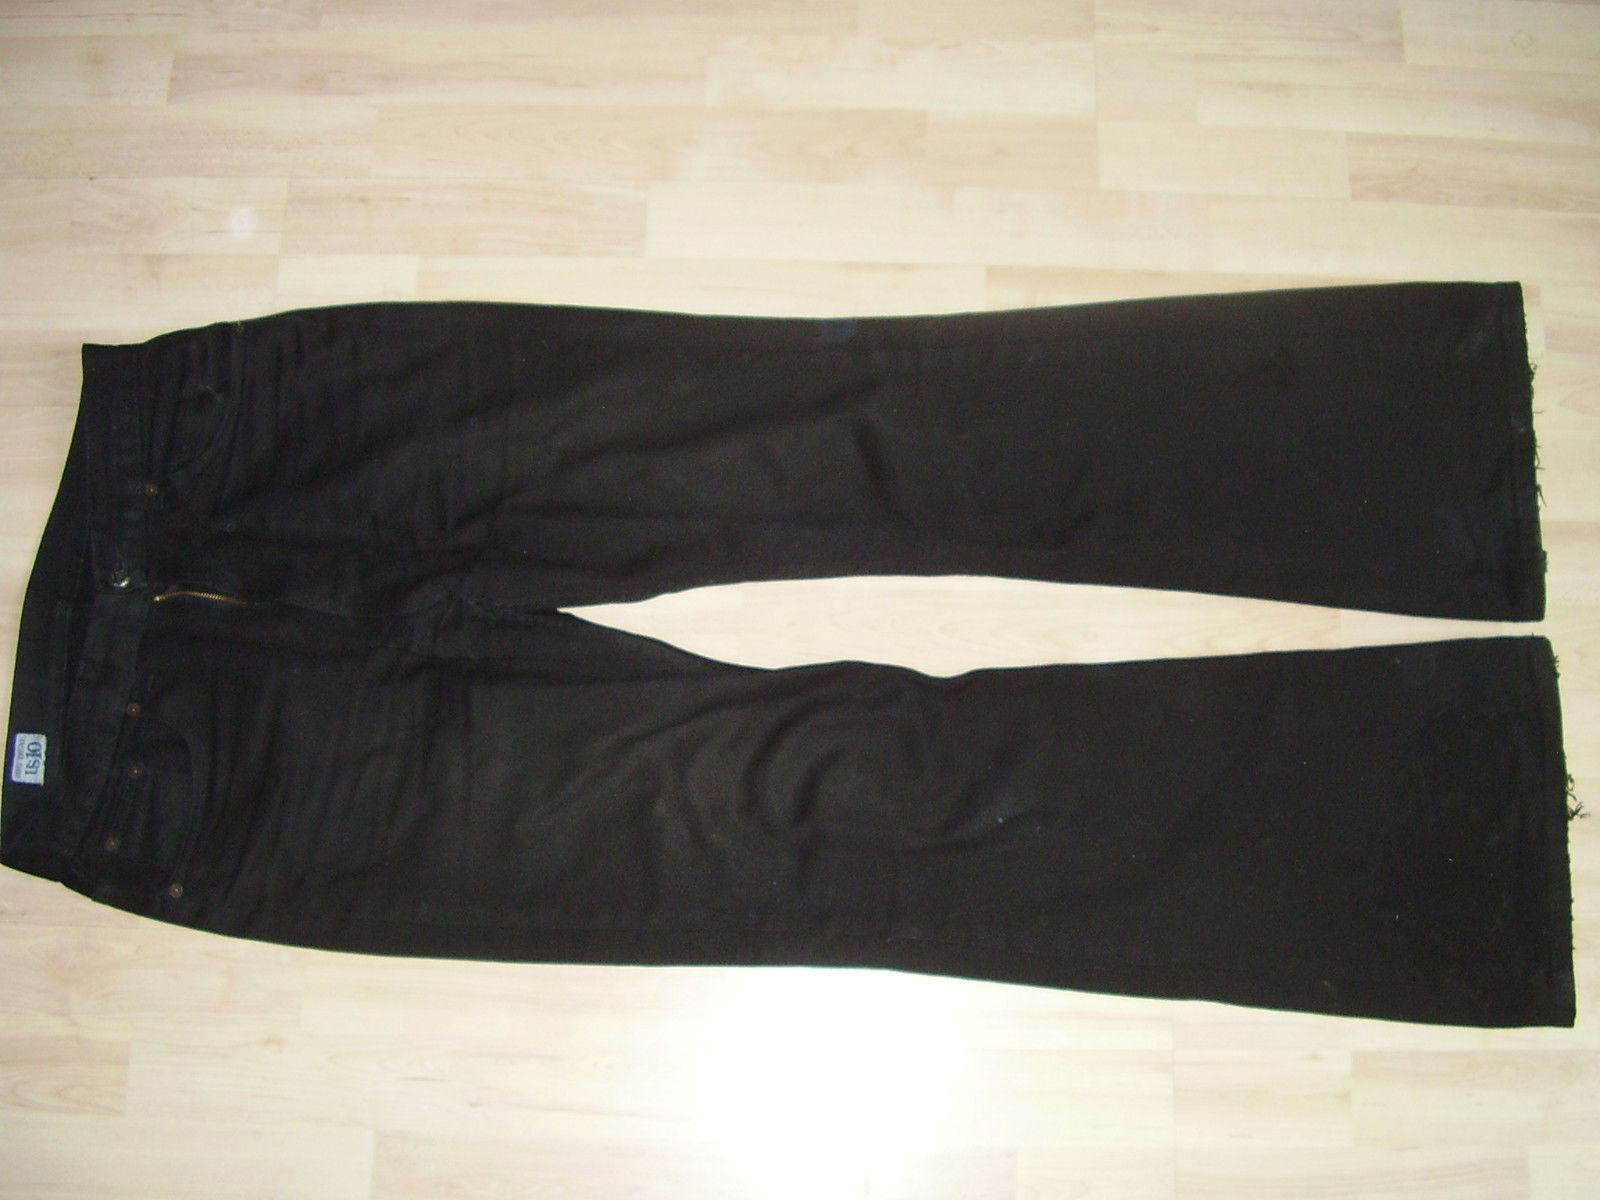 Herren Big Deal Bootcut Jeans Schlaghose W 33   L 34 schwarz 16b7c61724